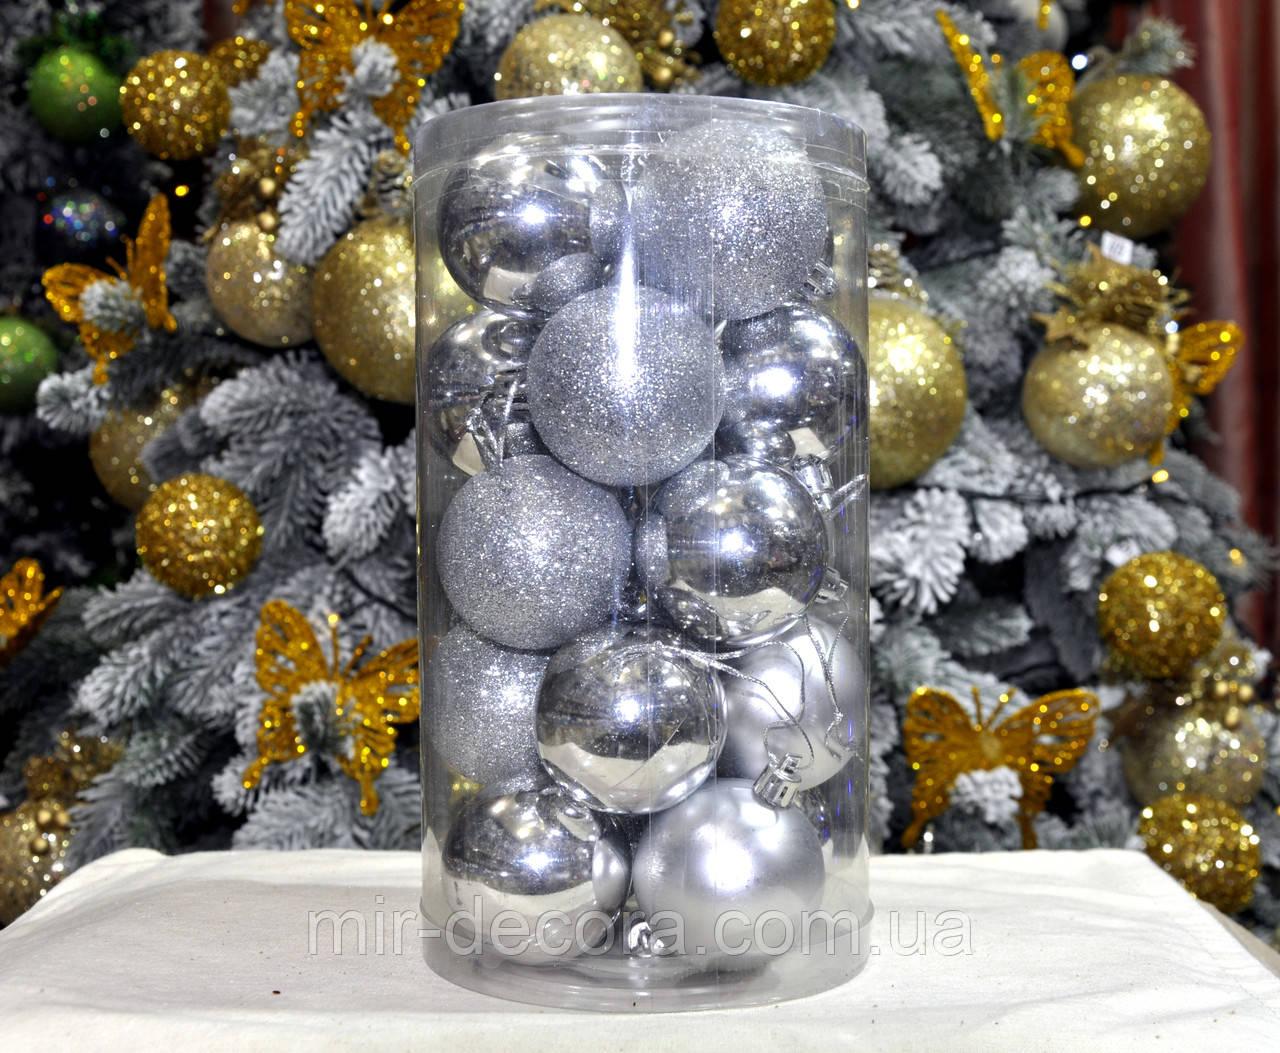 Набор новогодних шаров (пластик) 20 шт, диаметр 50 мм. Цвет серебро.